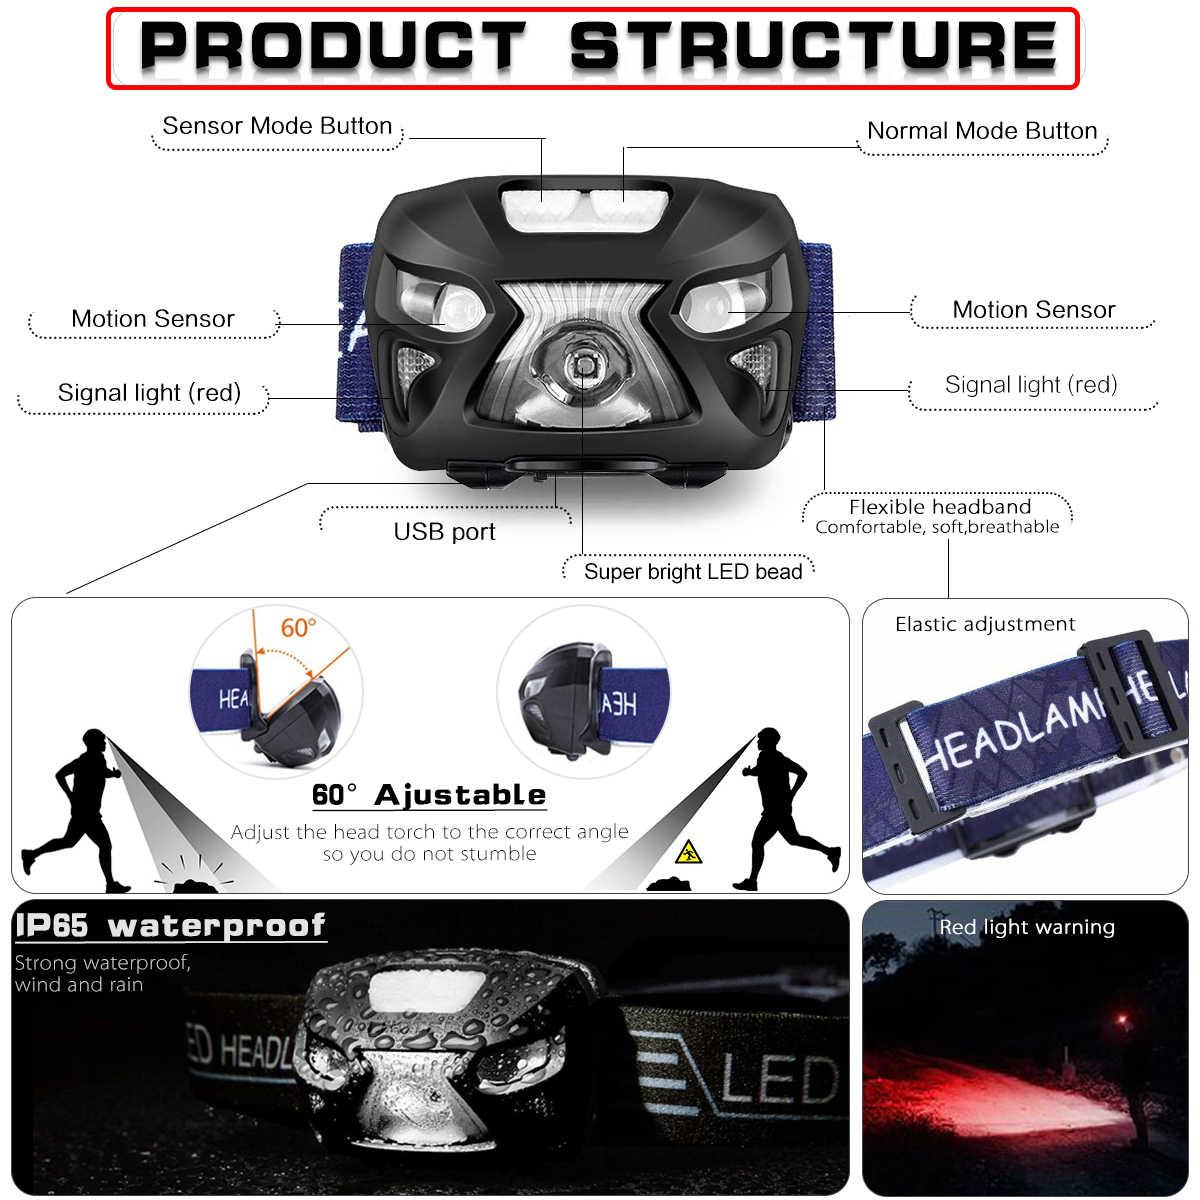 5000Lm puissant phare Rechargeable phare LED Camping torche lumière lampe corps capteur de mouvement tête lampe de poche avec USB